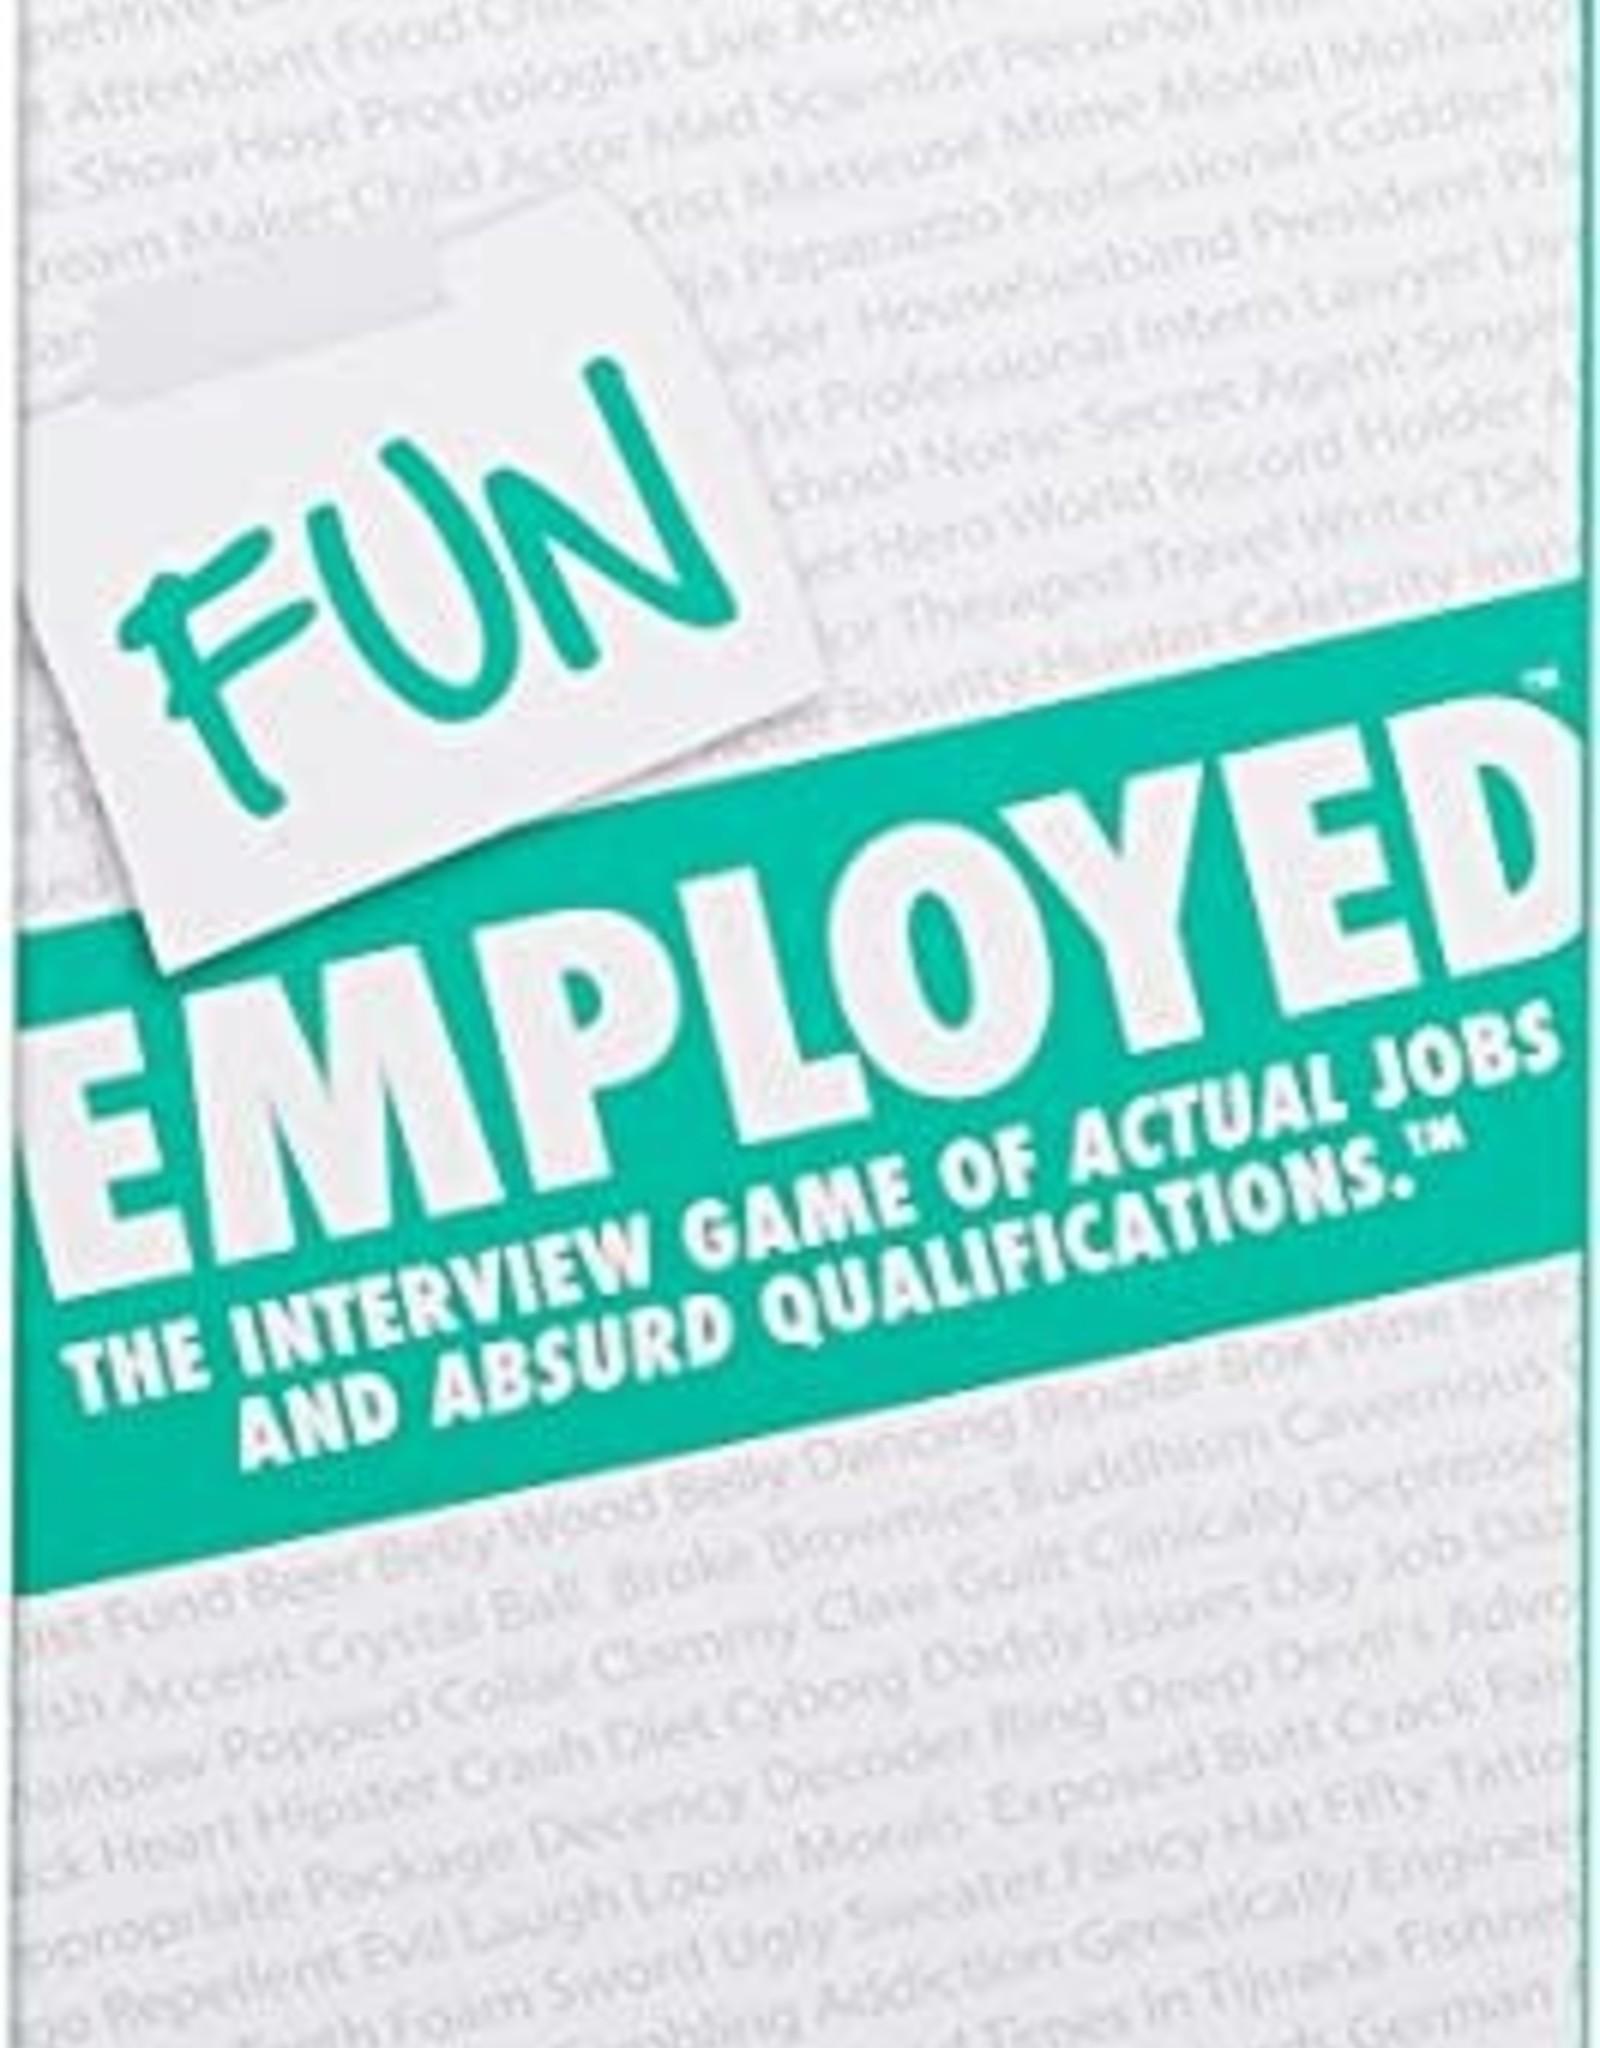 Mattel Fun-Employed